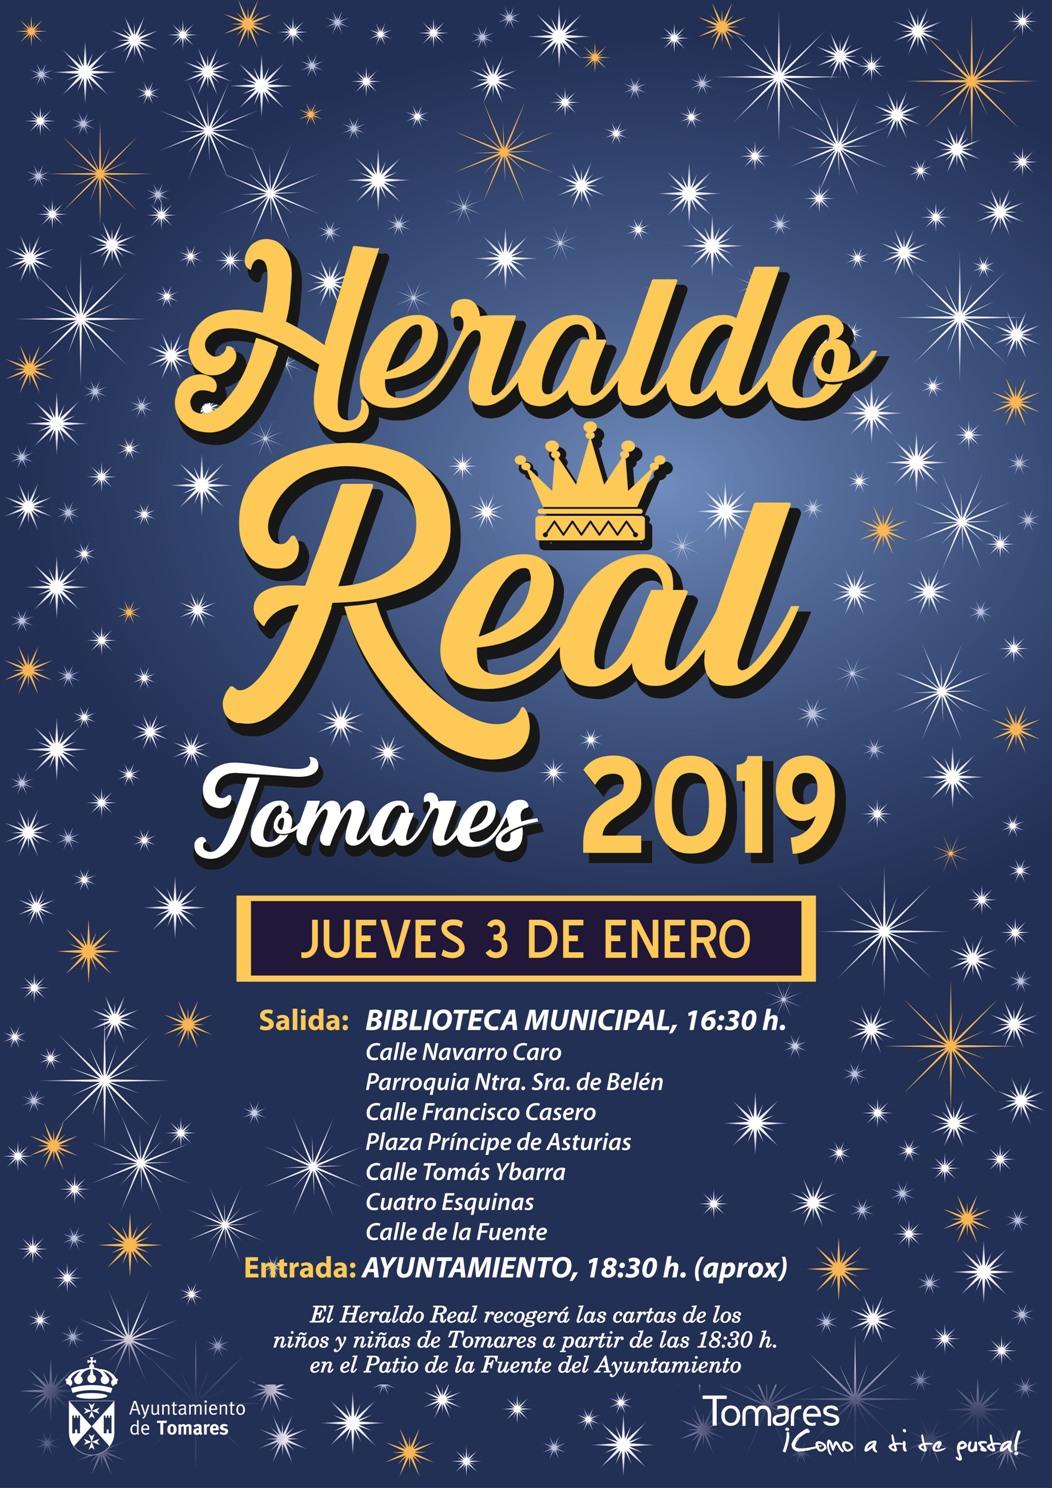 EL HERALDO REAL LLEGA A TOMARES HOY JUEVES 5f37e8a8d0b6